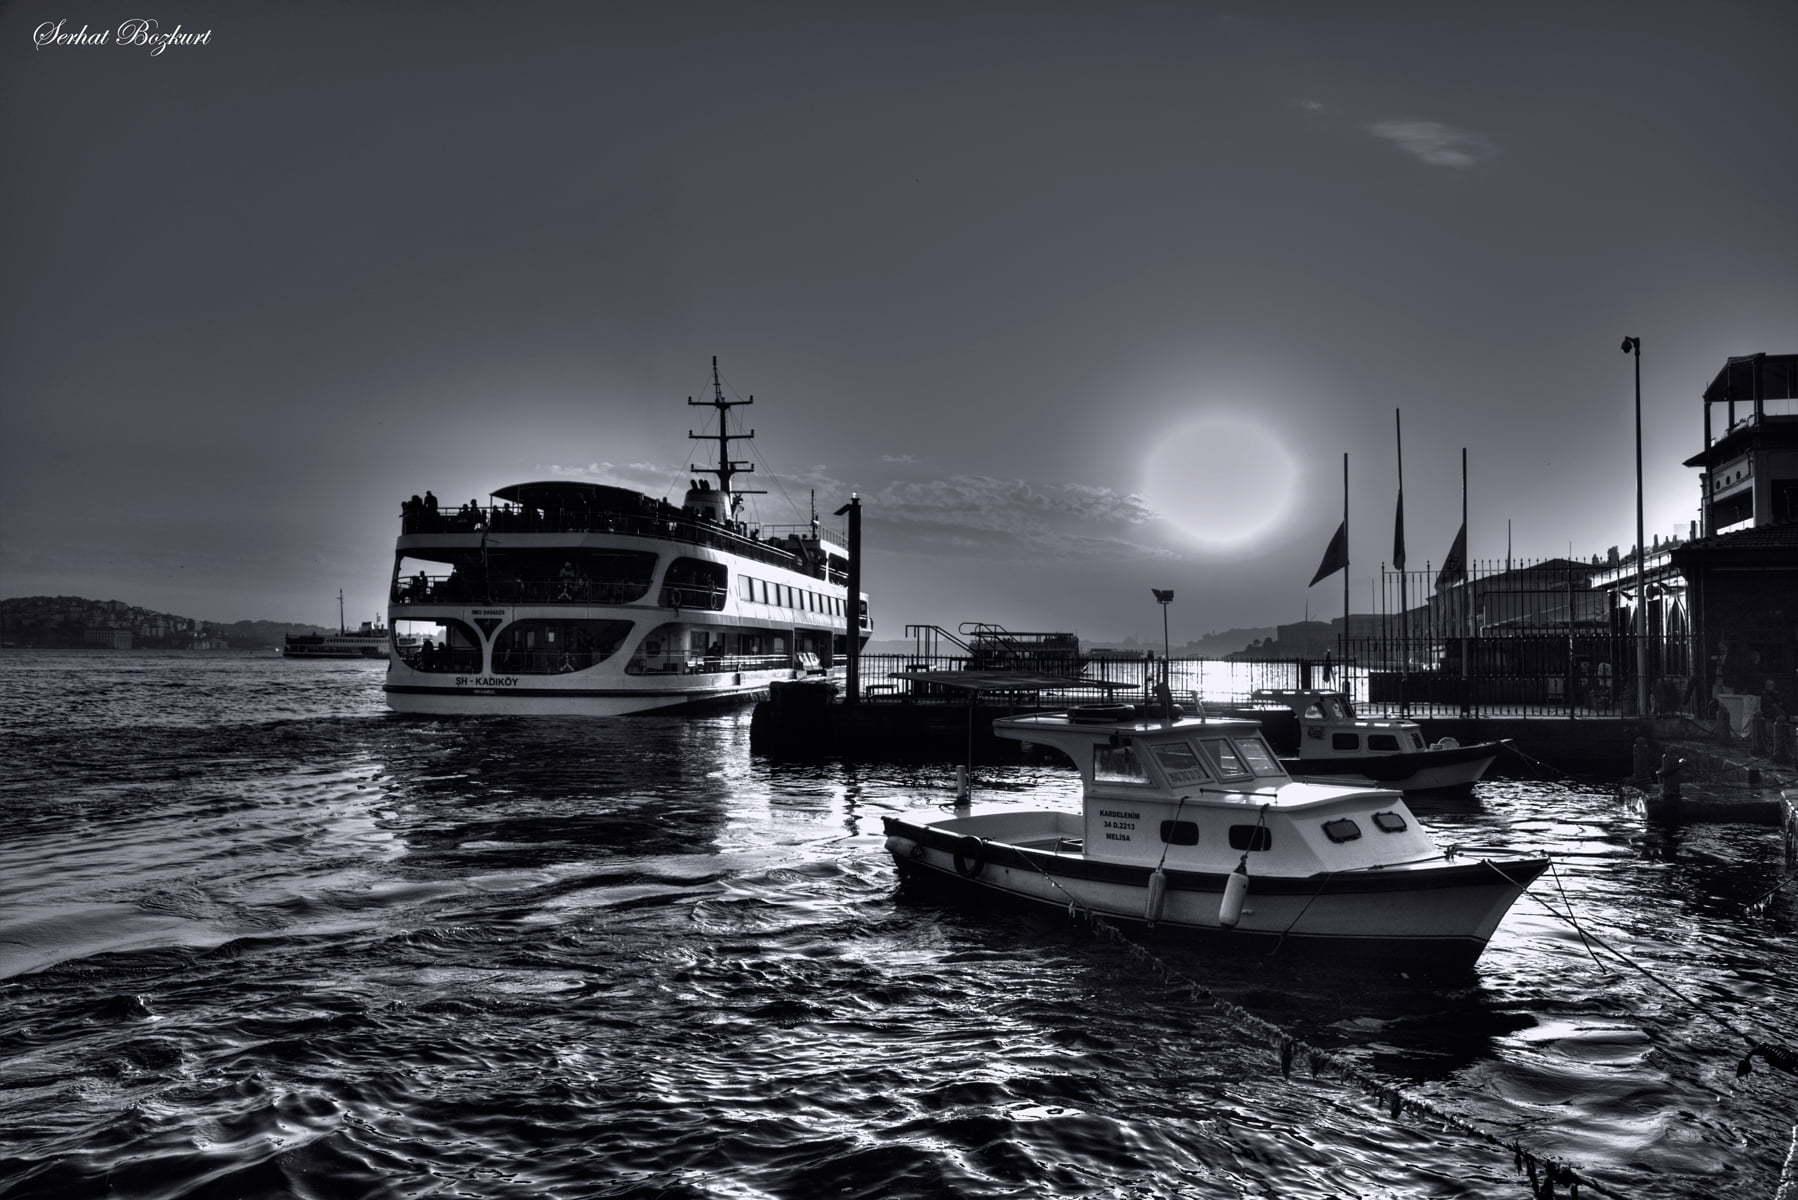 Ortaköy siyah beyaz gün batımı